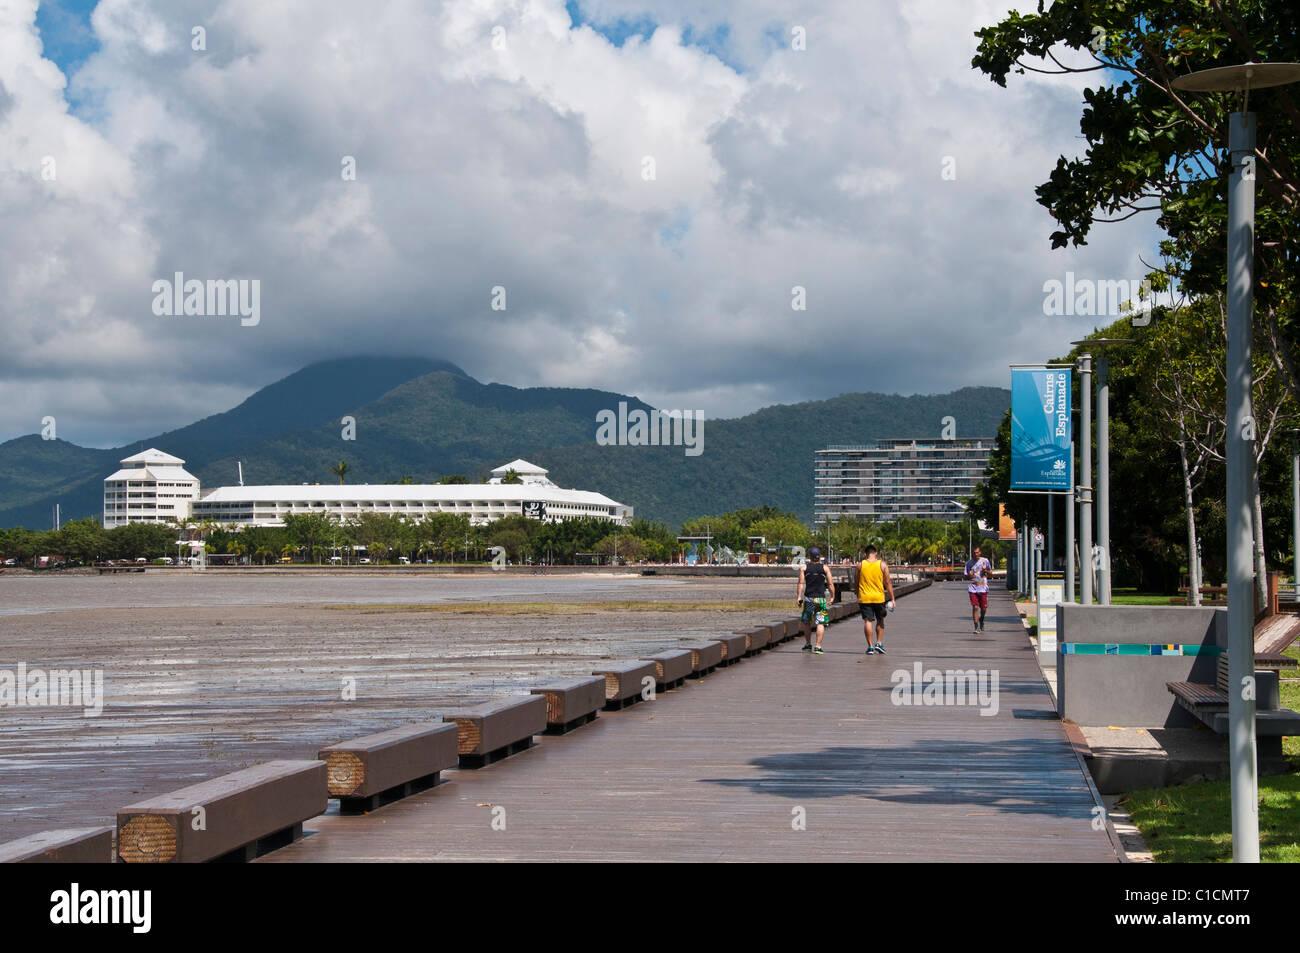 Esplanade boardwalk, Cairns, Queensland, Australia. - Stock Image